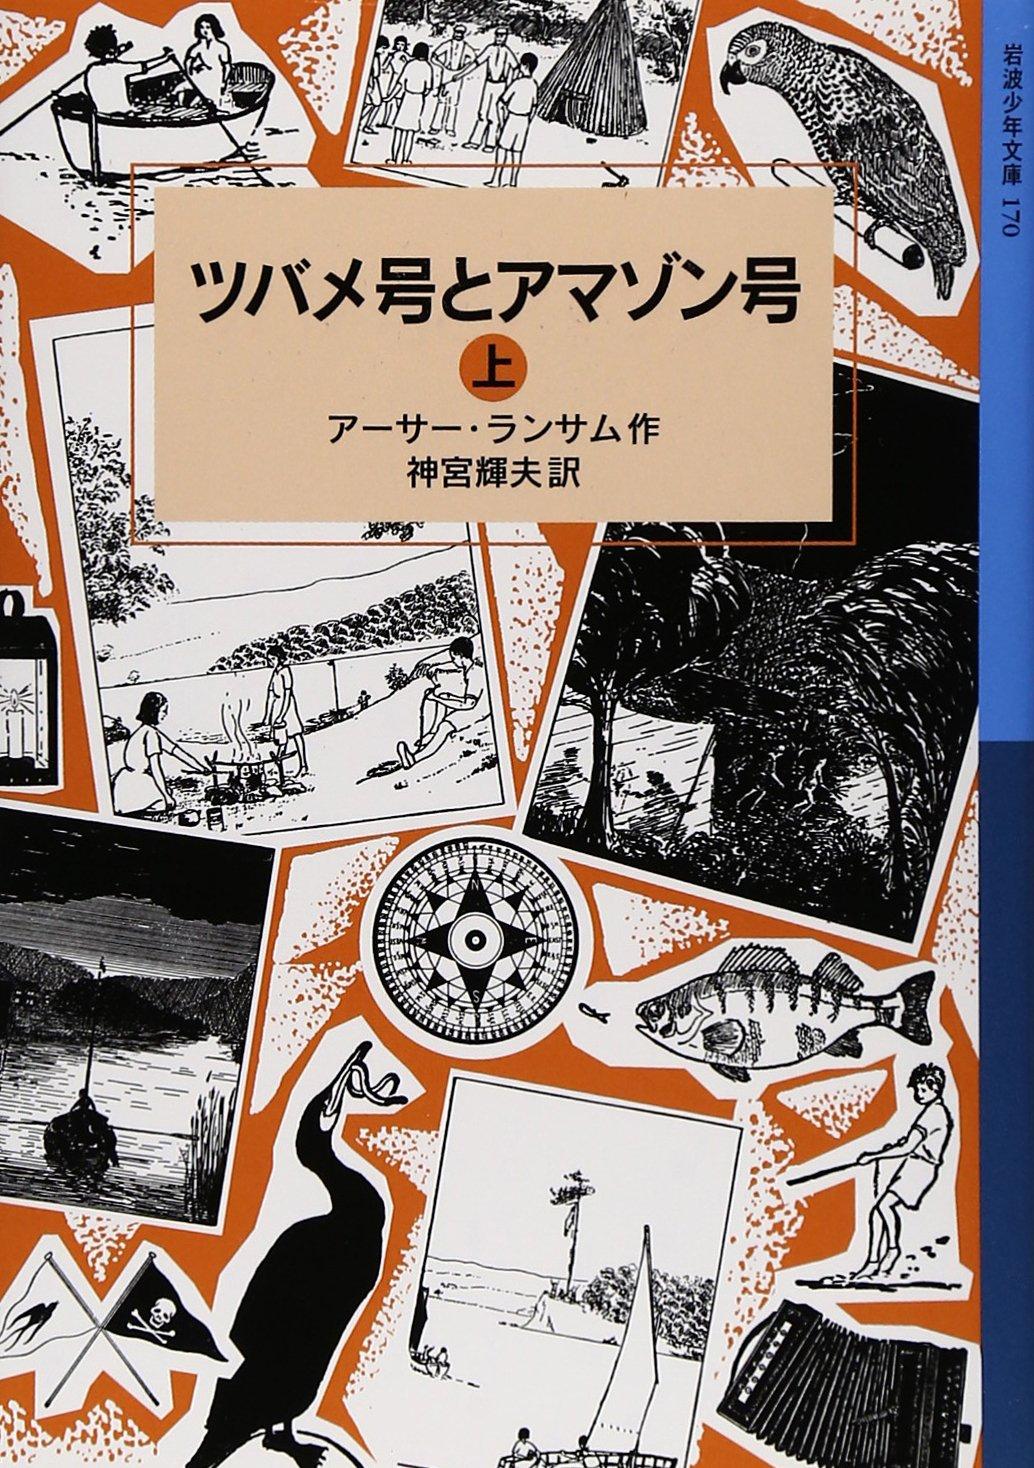 『ツバメ号とアマゾン号』アーサー・ランサム (著), 神宮 輝夫 (翻訳)